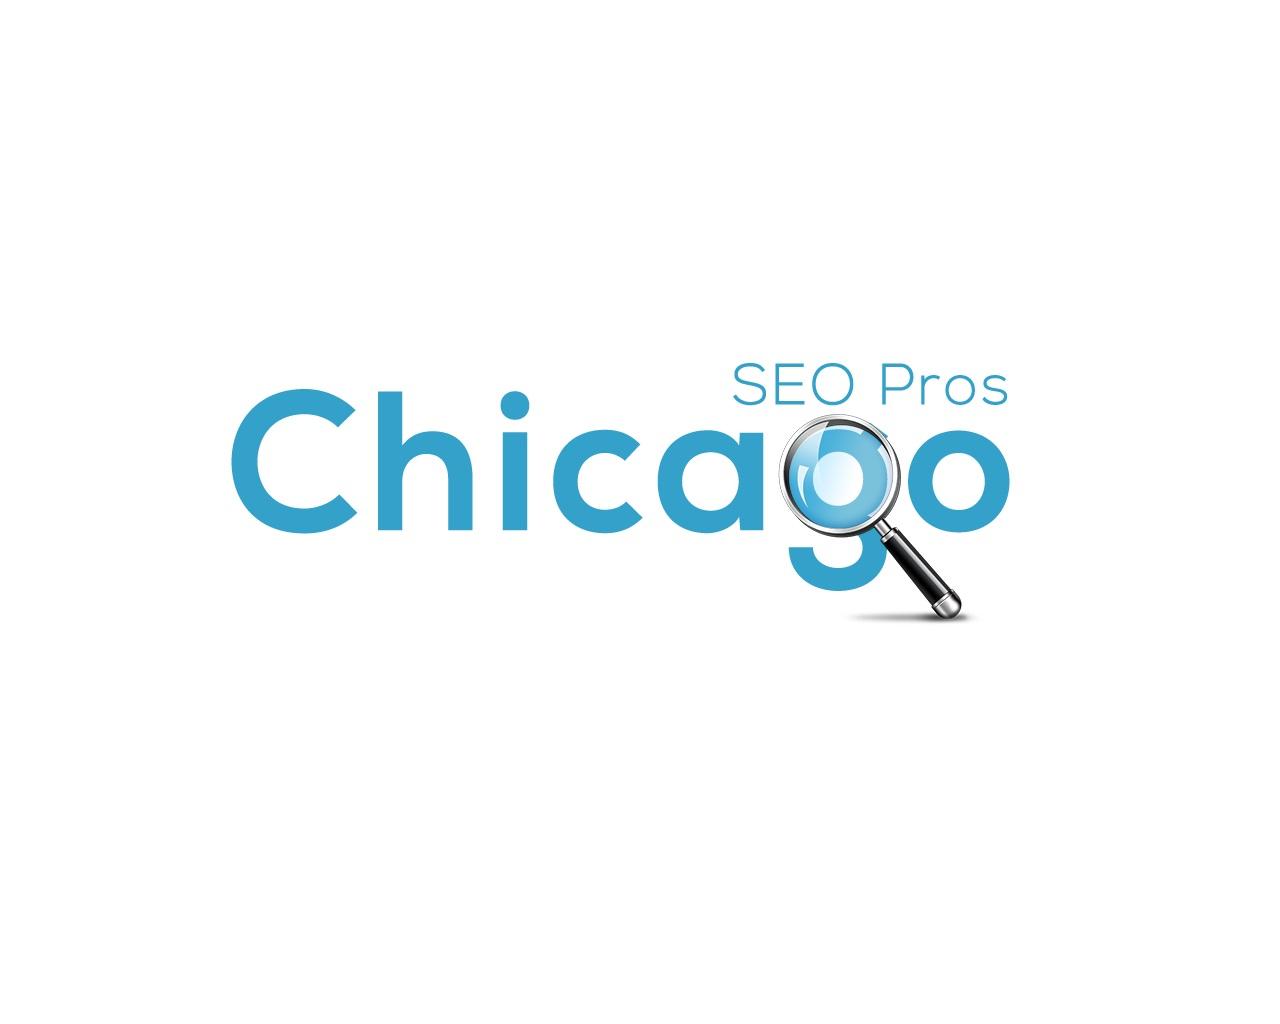 Chicago SEO Pros